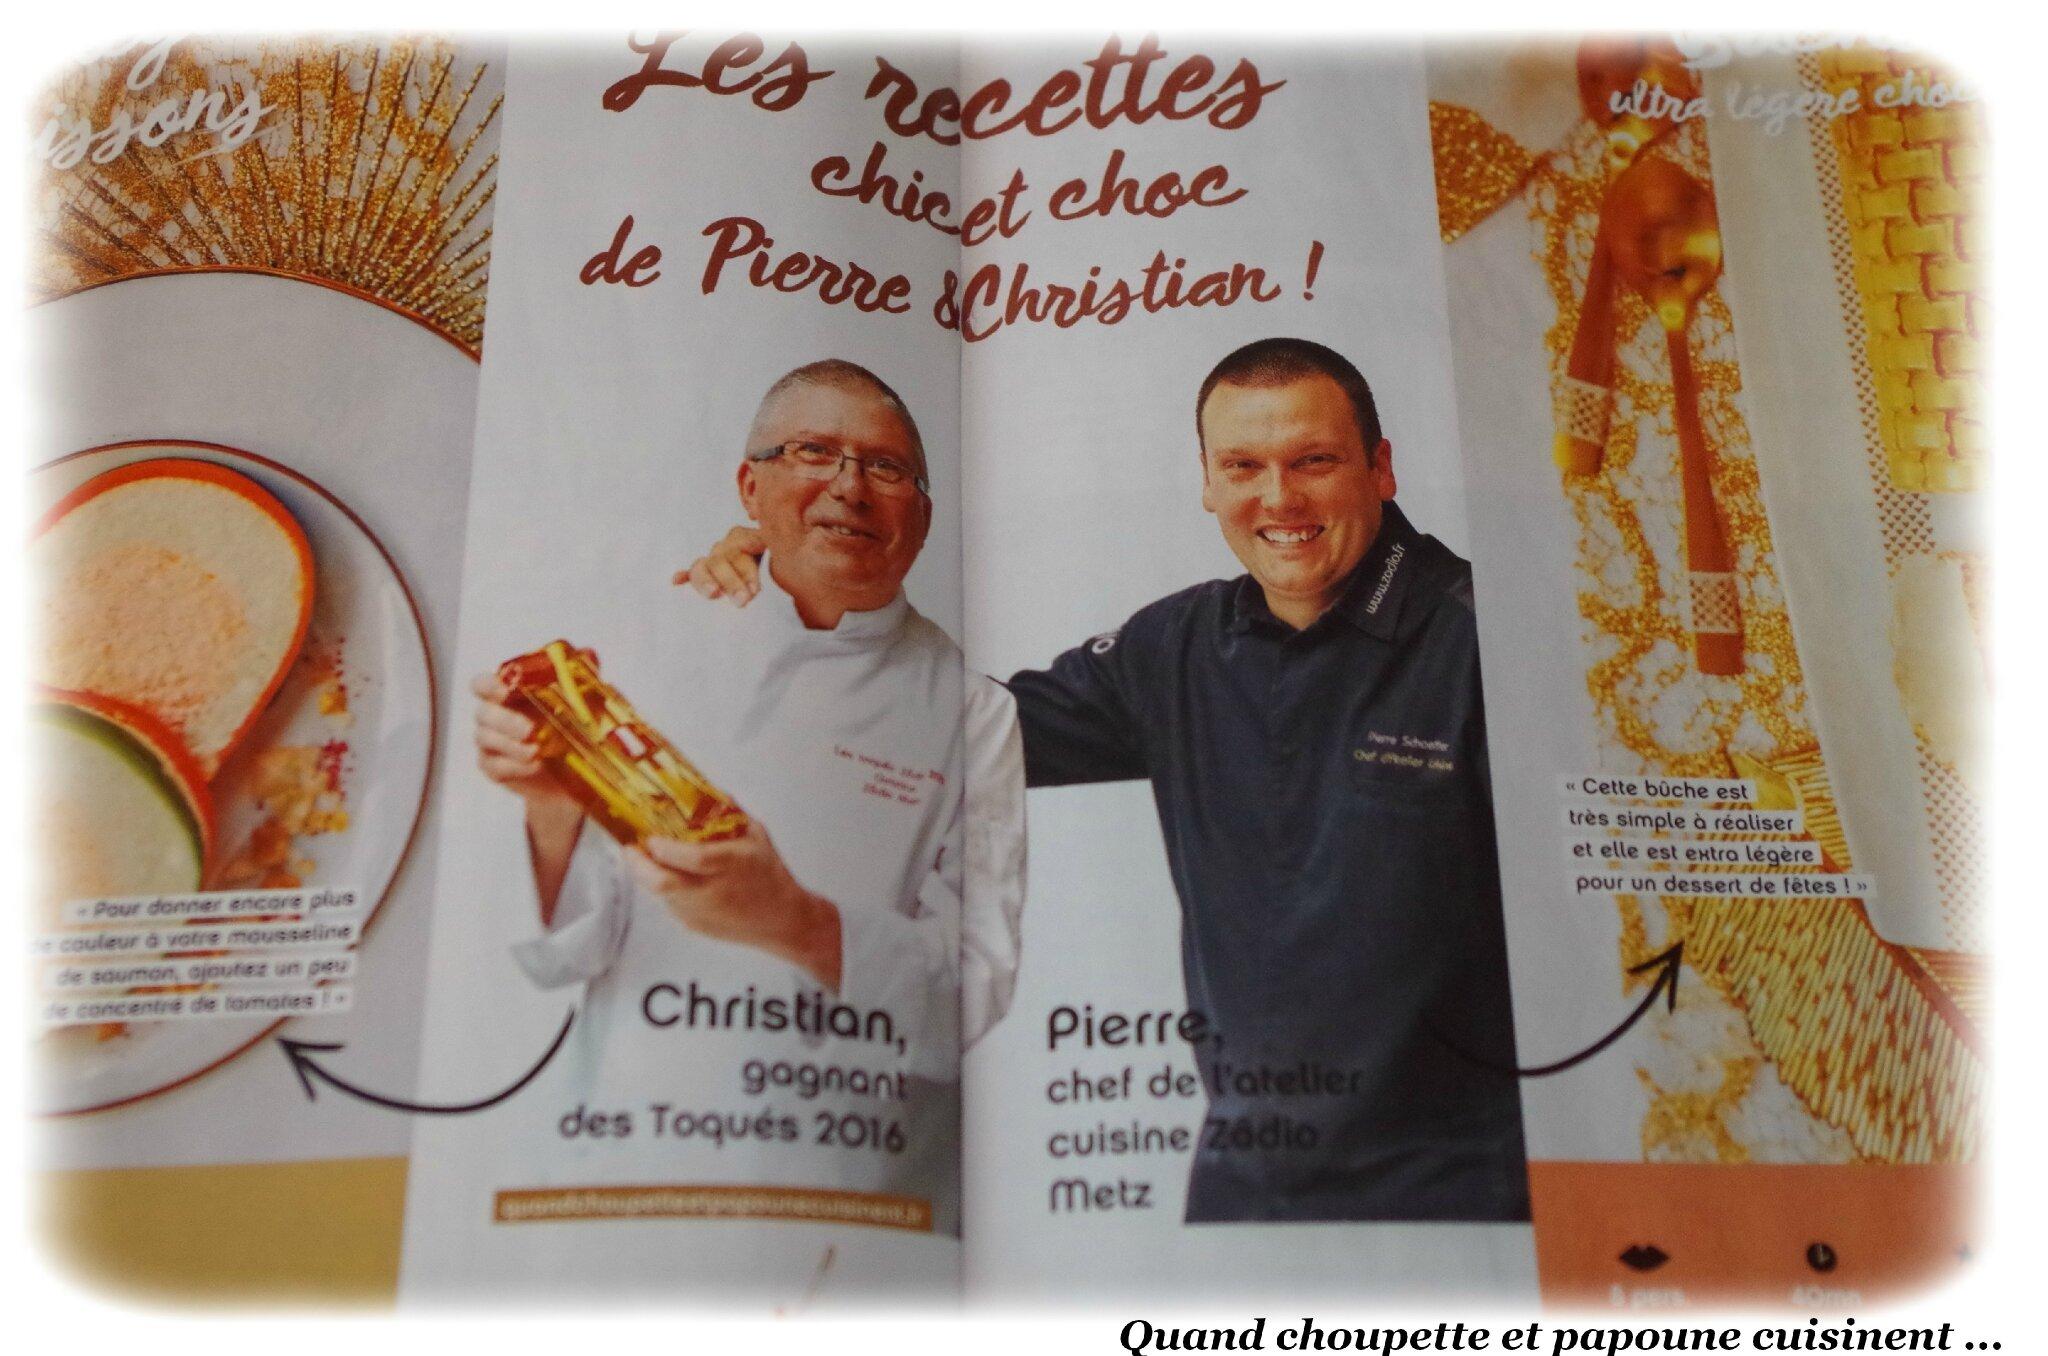 LES RECETTES CHIC ET CHOC DE PIERRE & CHRISTIAN